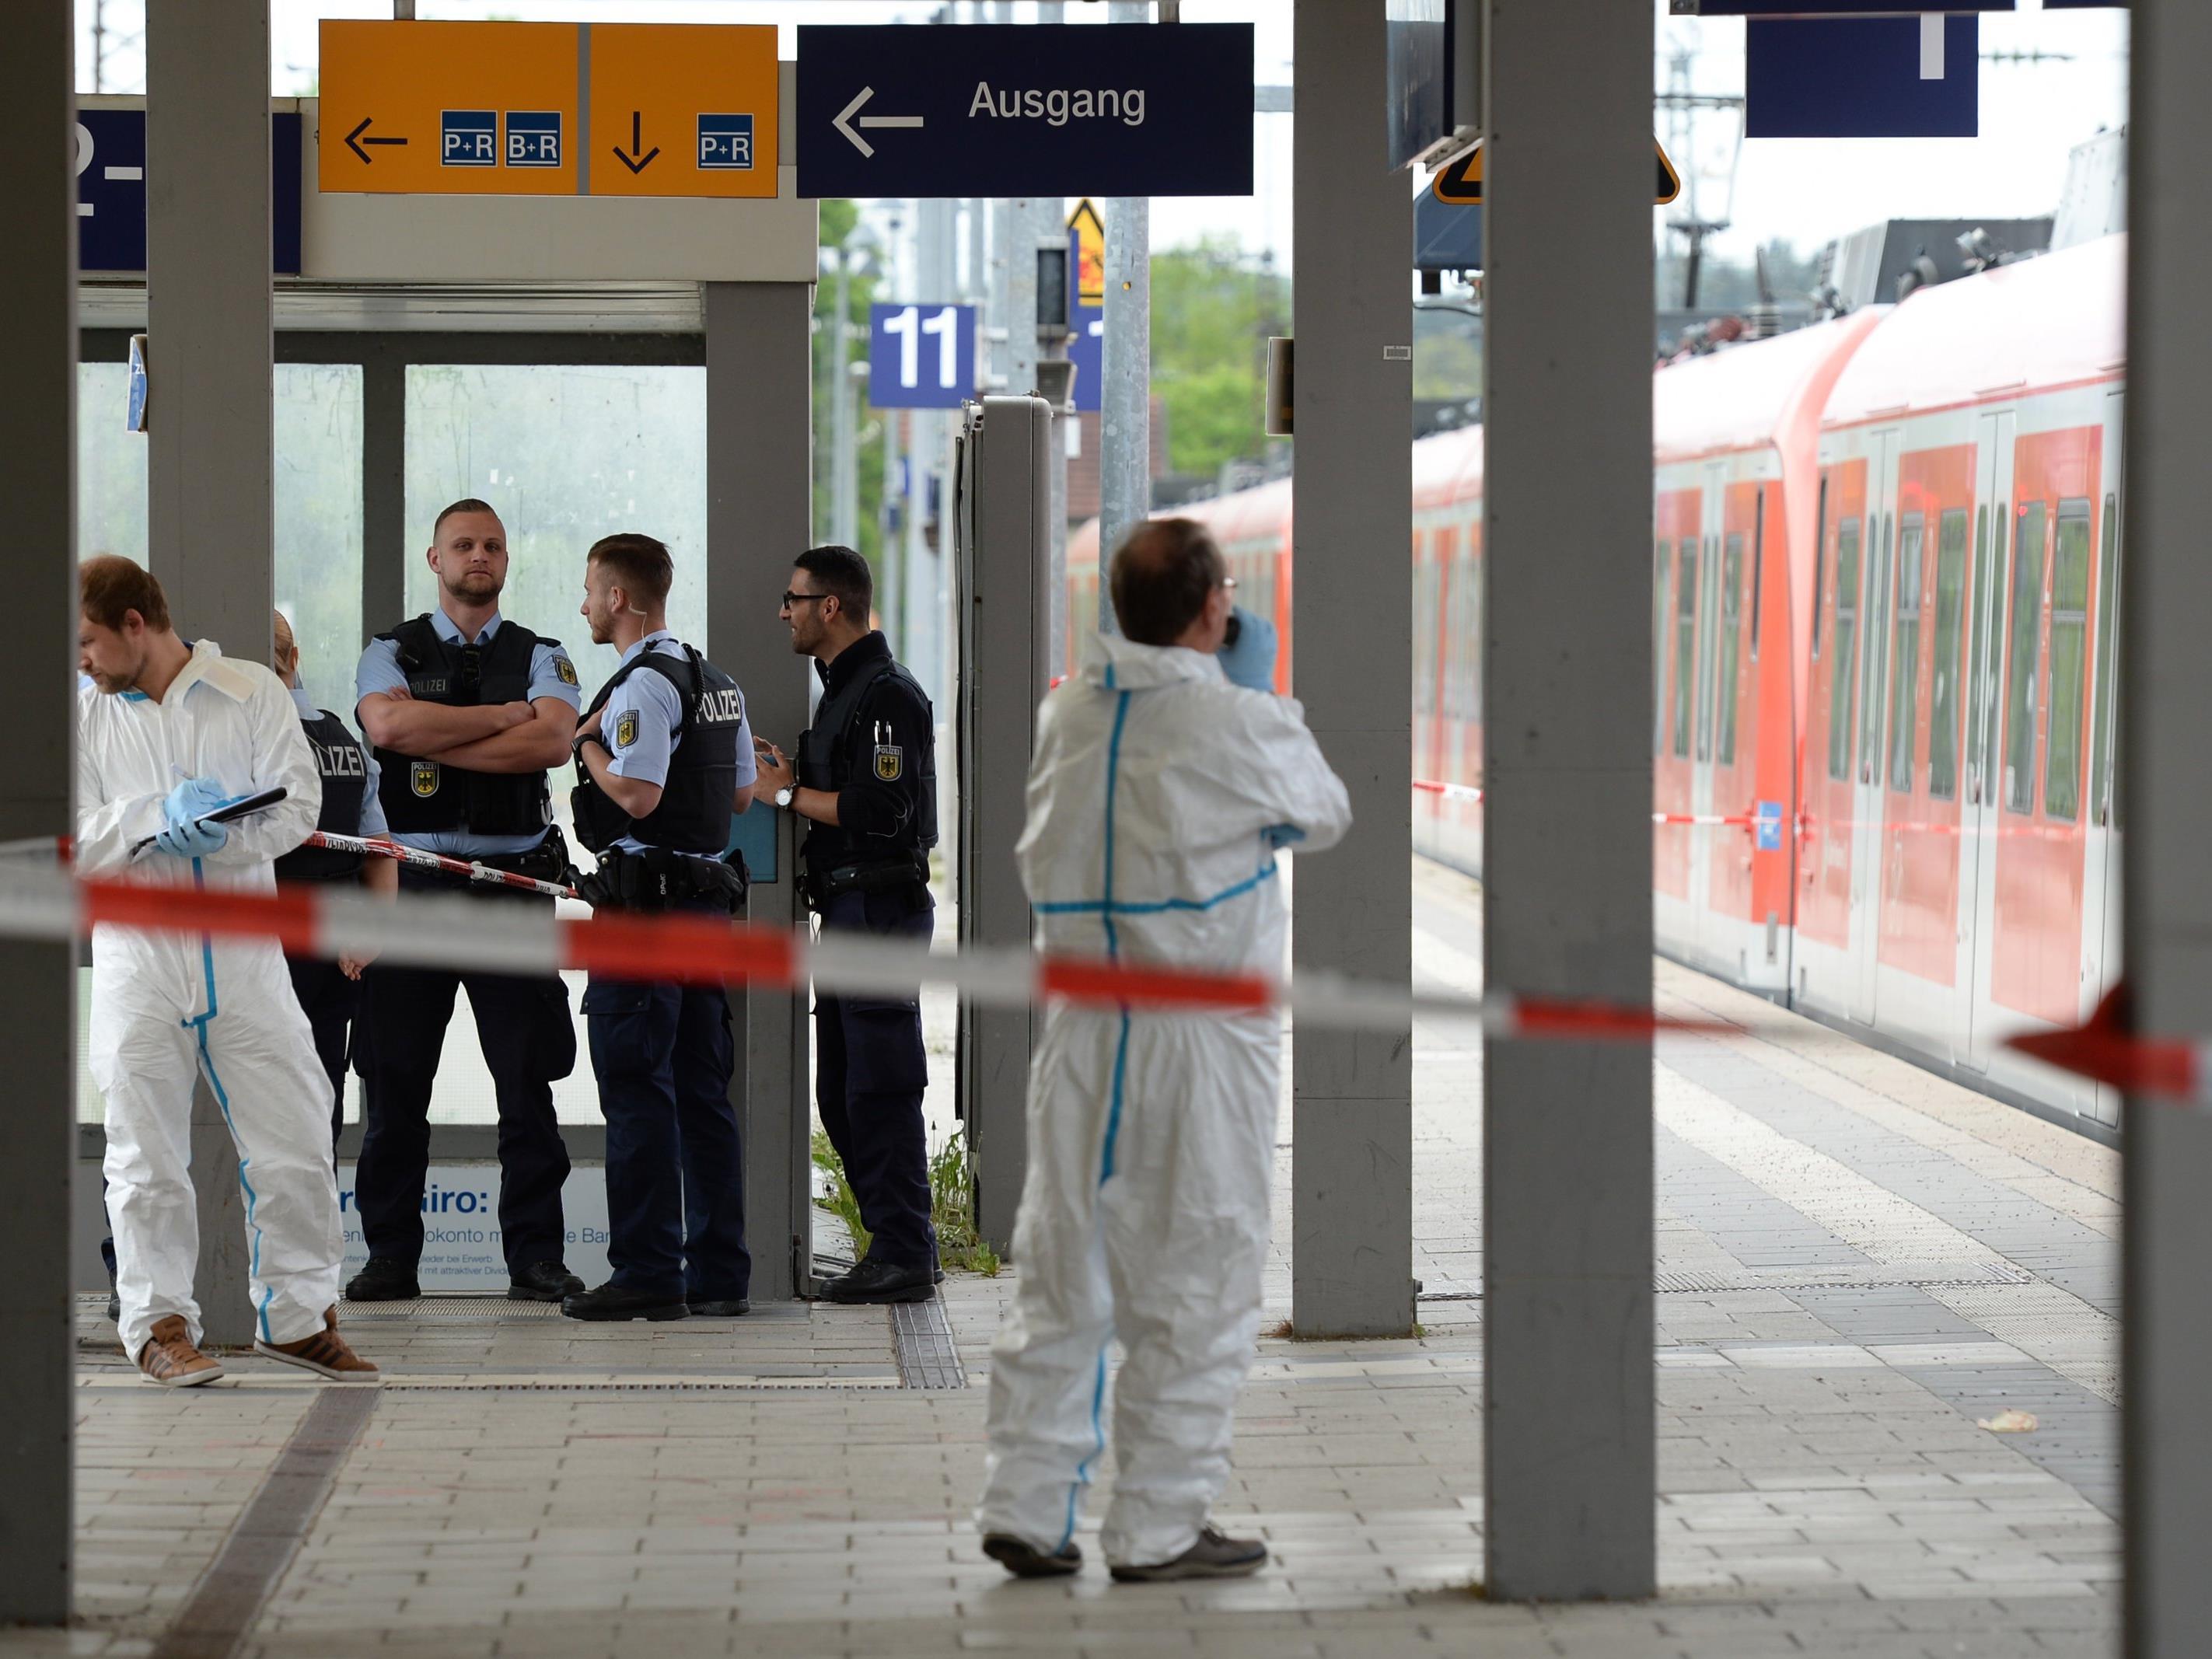 Bei einer möglicherweise politisch motivierten Messerattacke am Bahnhof der Stadt ist ein Mann getötet worden und drei verletzt.